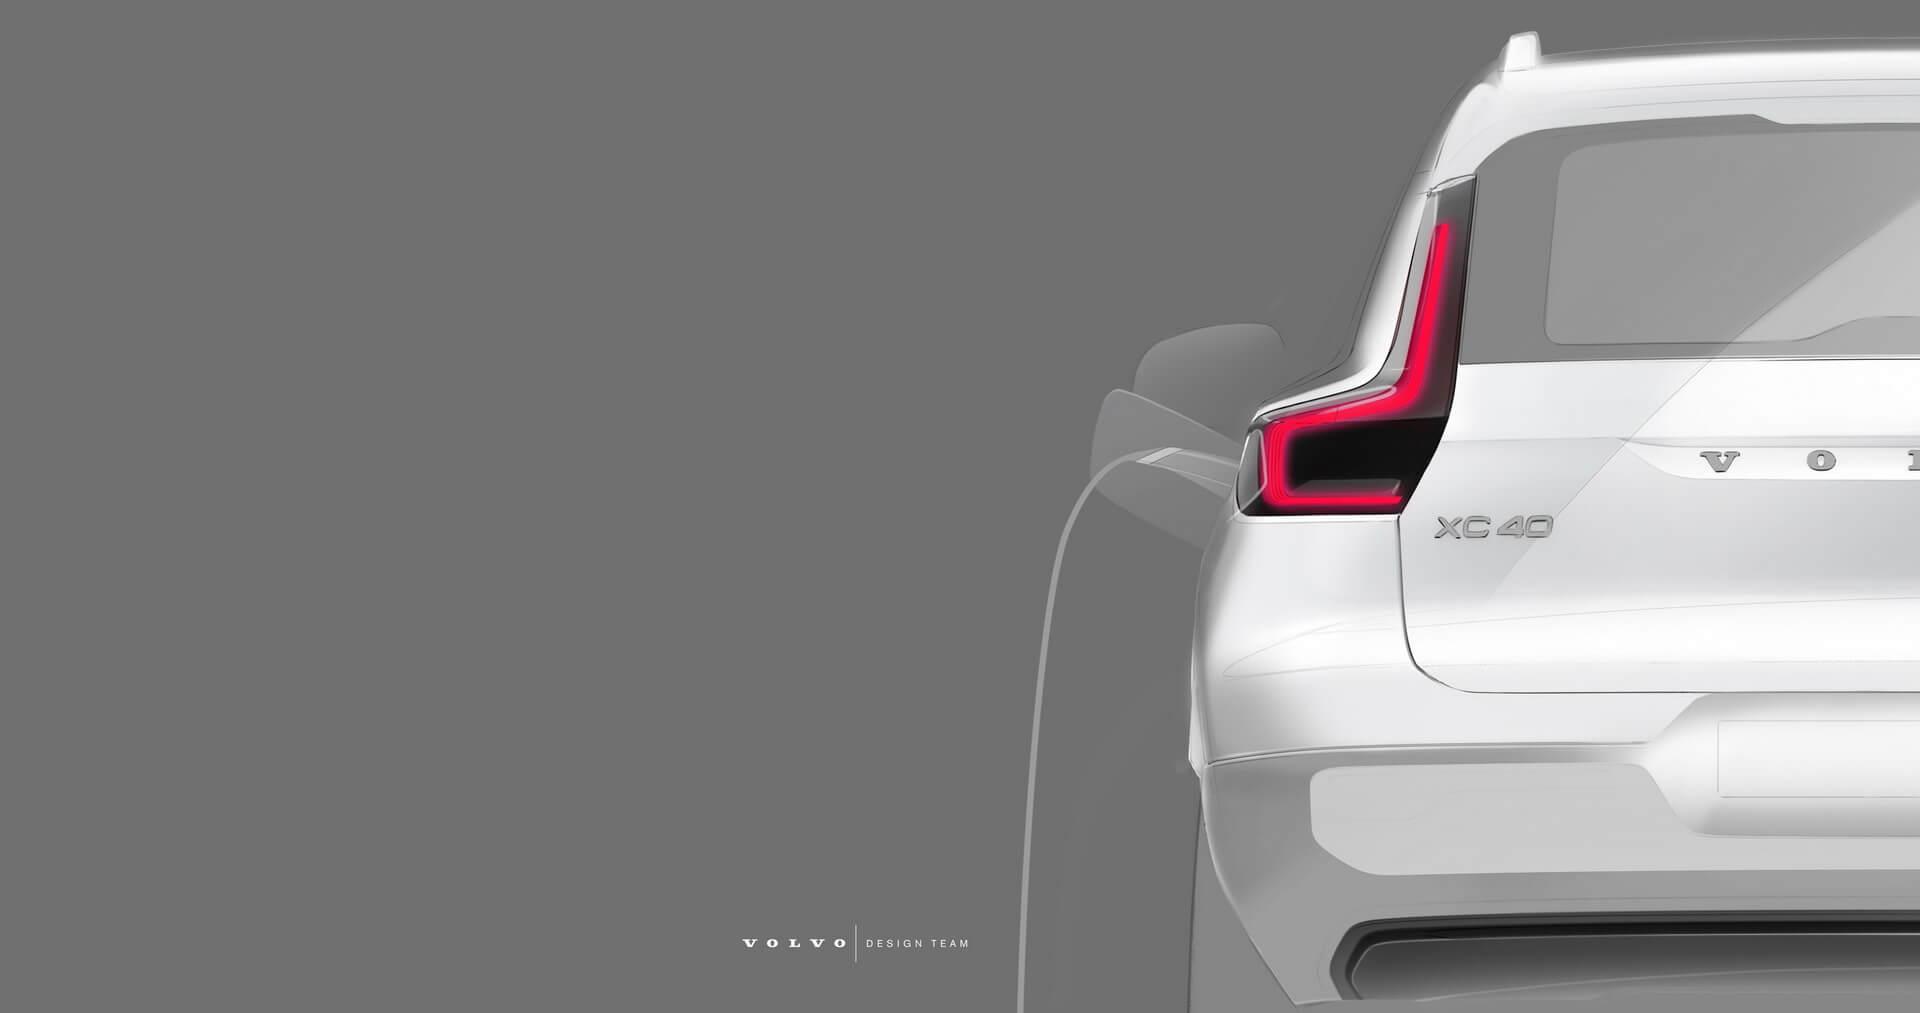 Тизер электрического кроссовера Volvo XC40